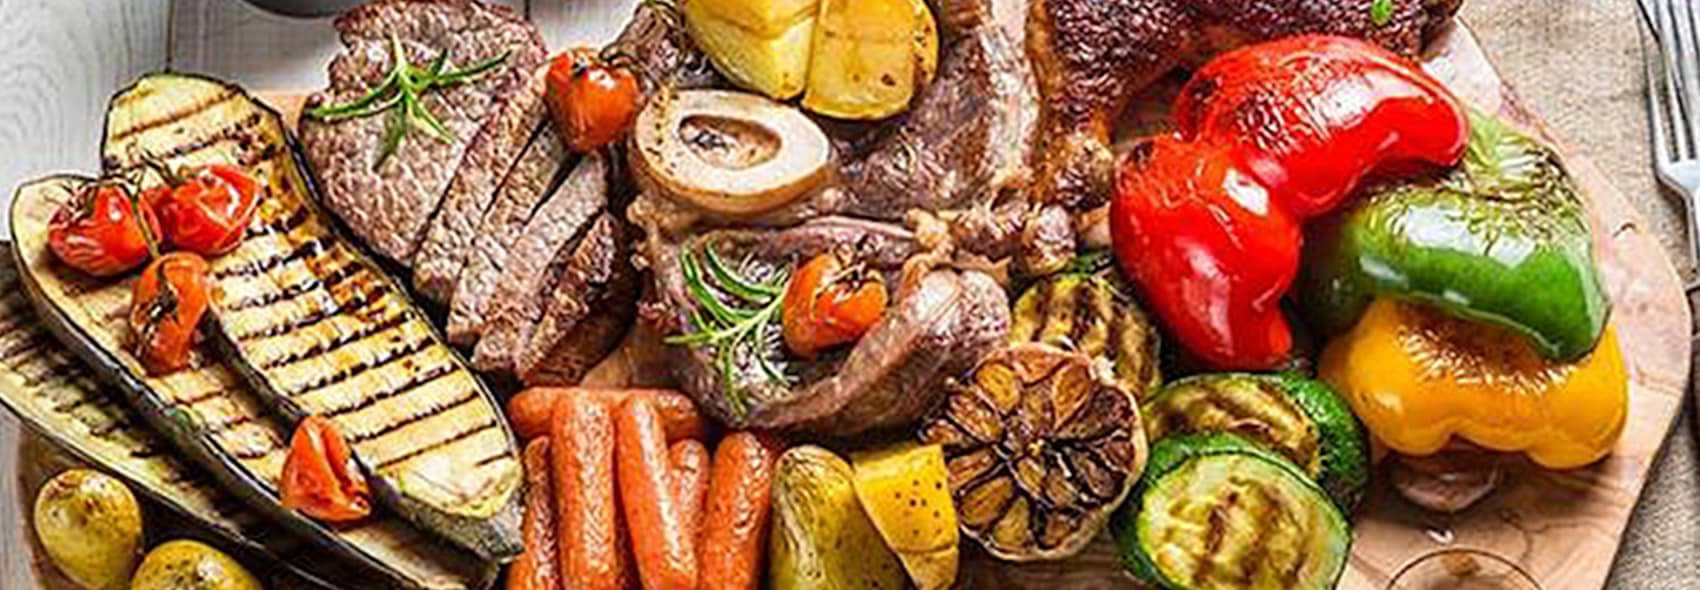 Anti inflammation diet 5